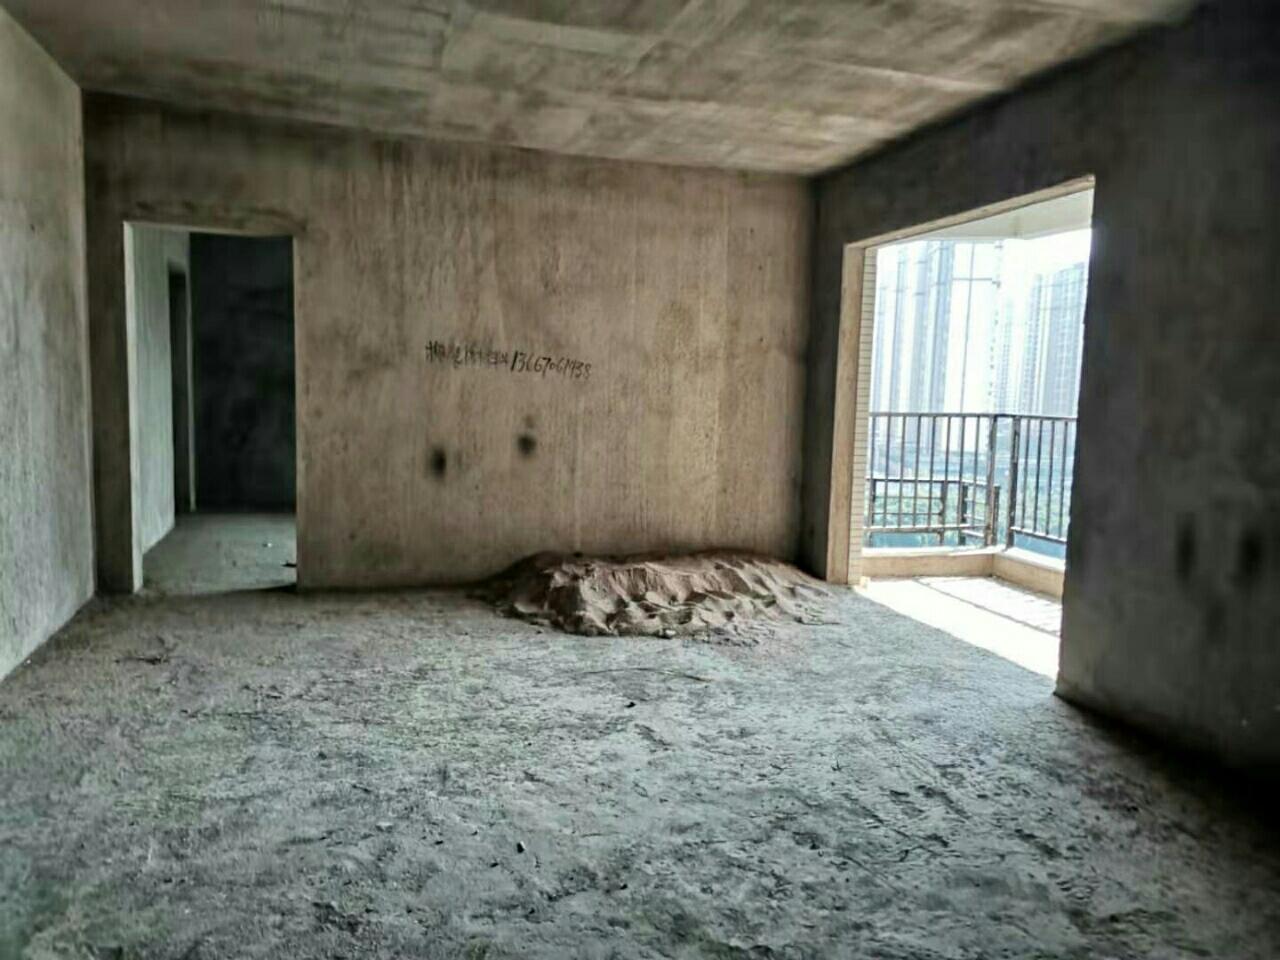 水印丹堤全新毛坯3室 江景房79萬元